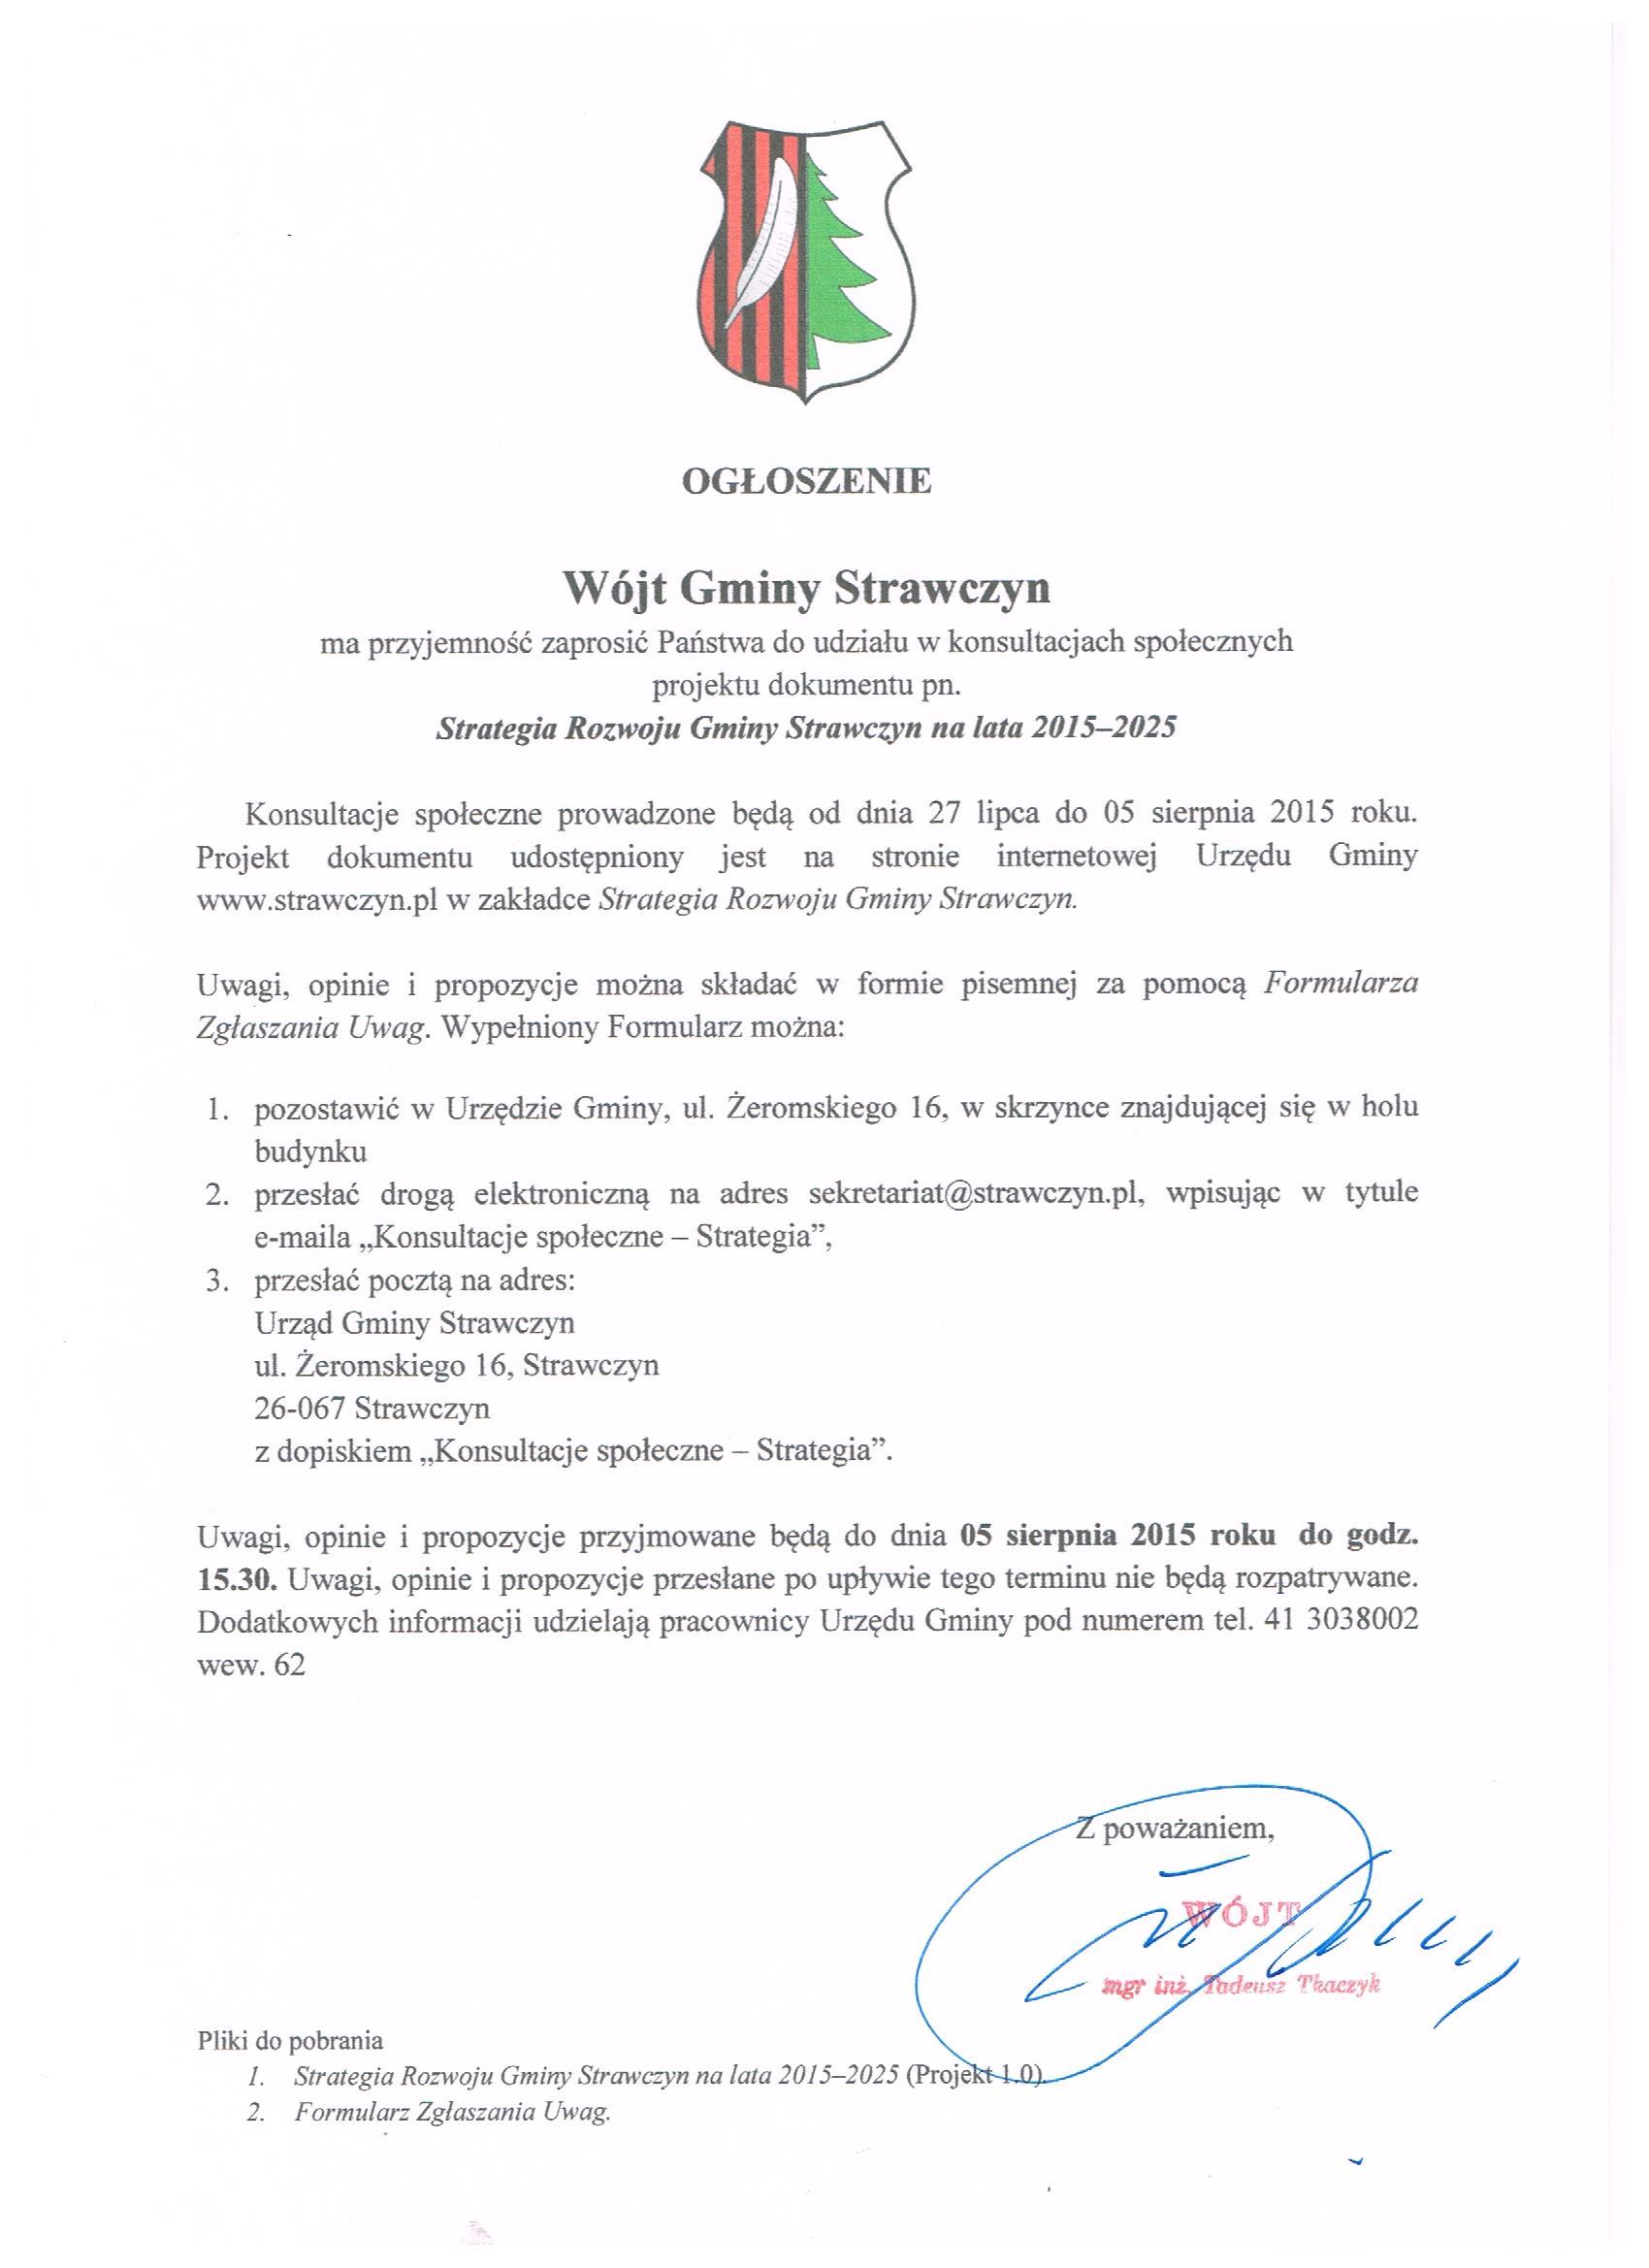 Ogłoszenie o konsultacjach dokumentu pn.: Strategia Rozwoju Gminy Strawczyn na lata 2015-2025